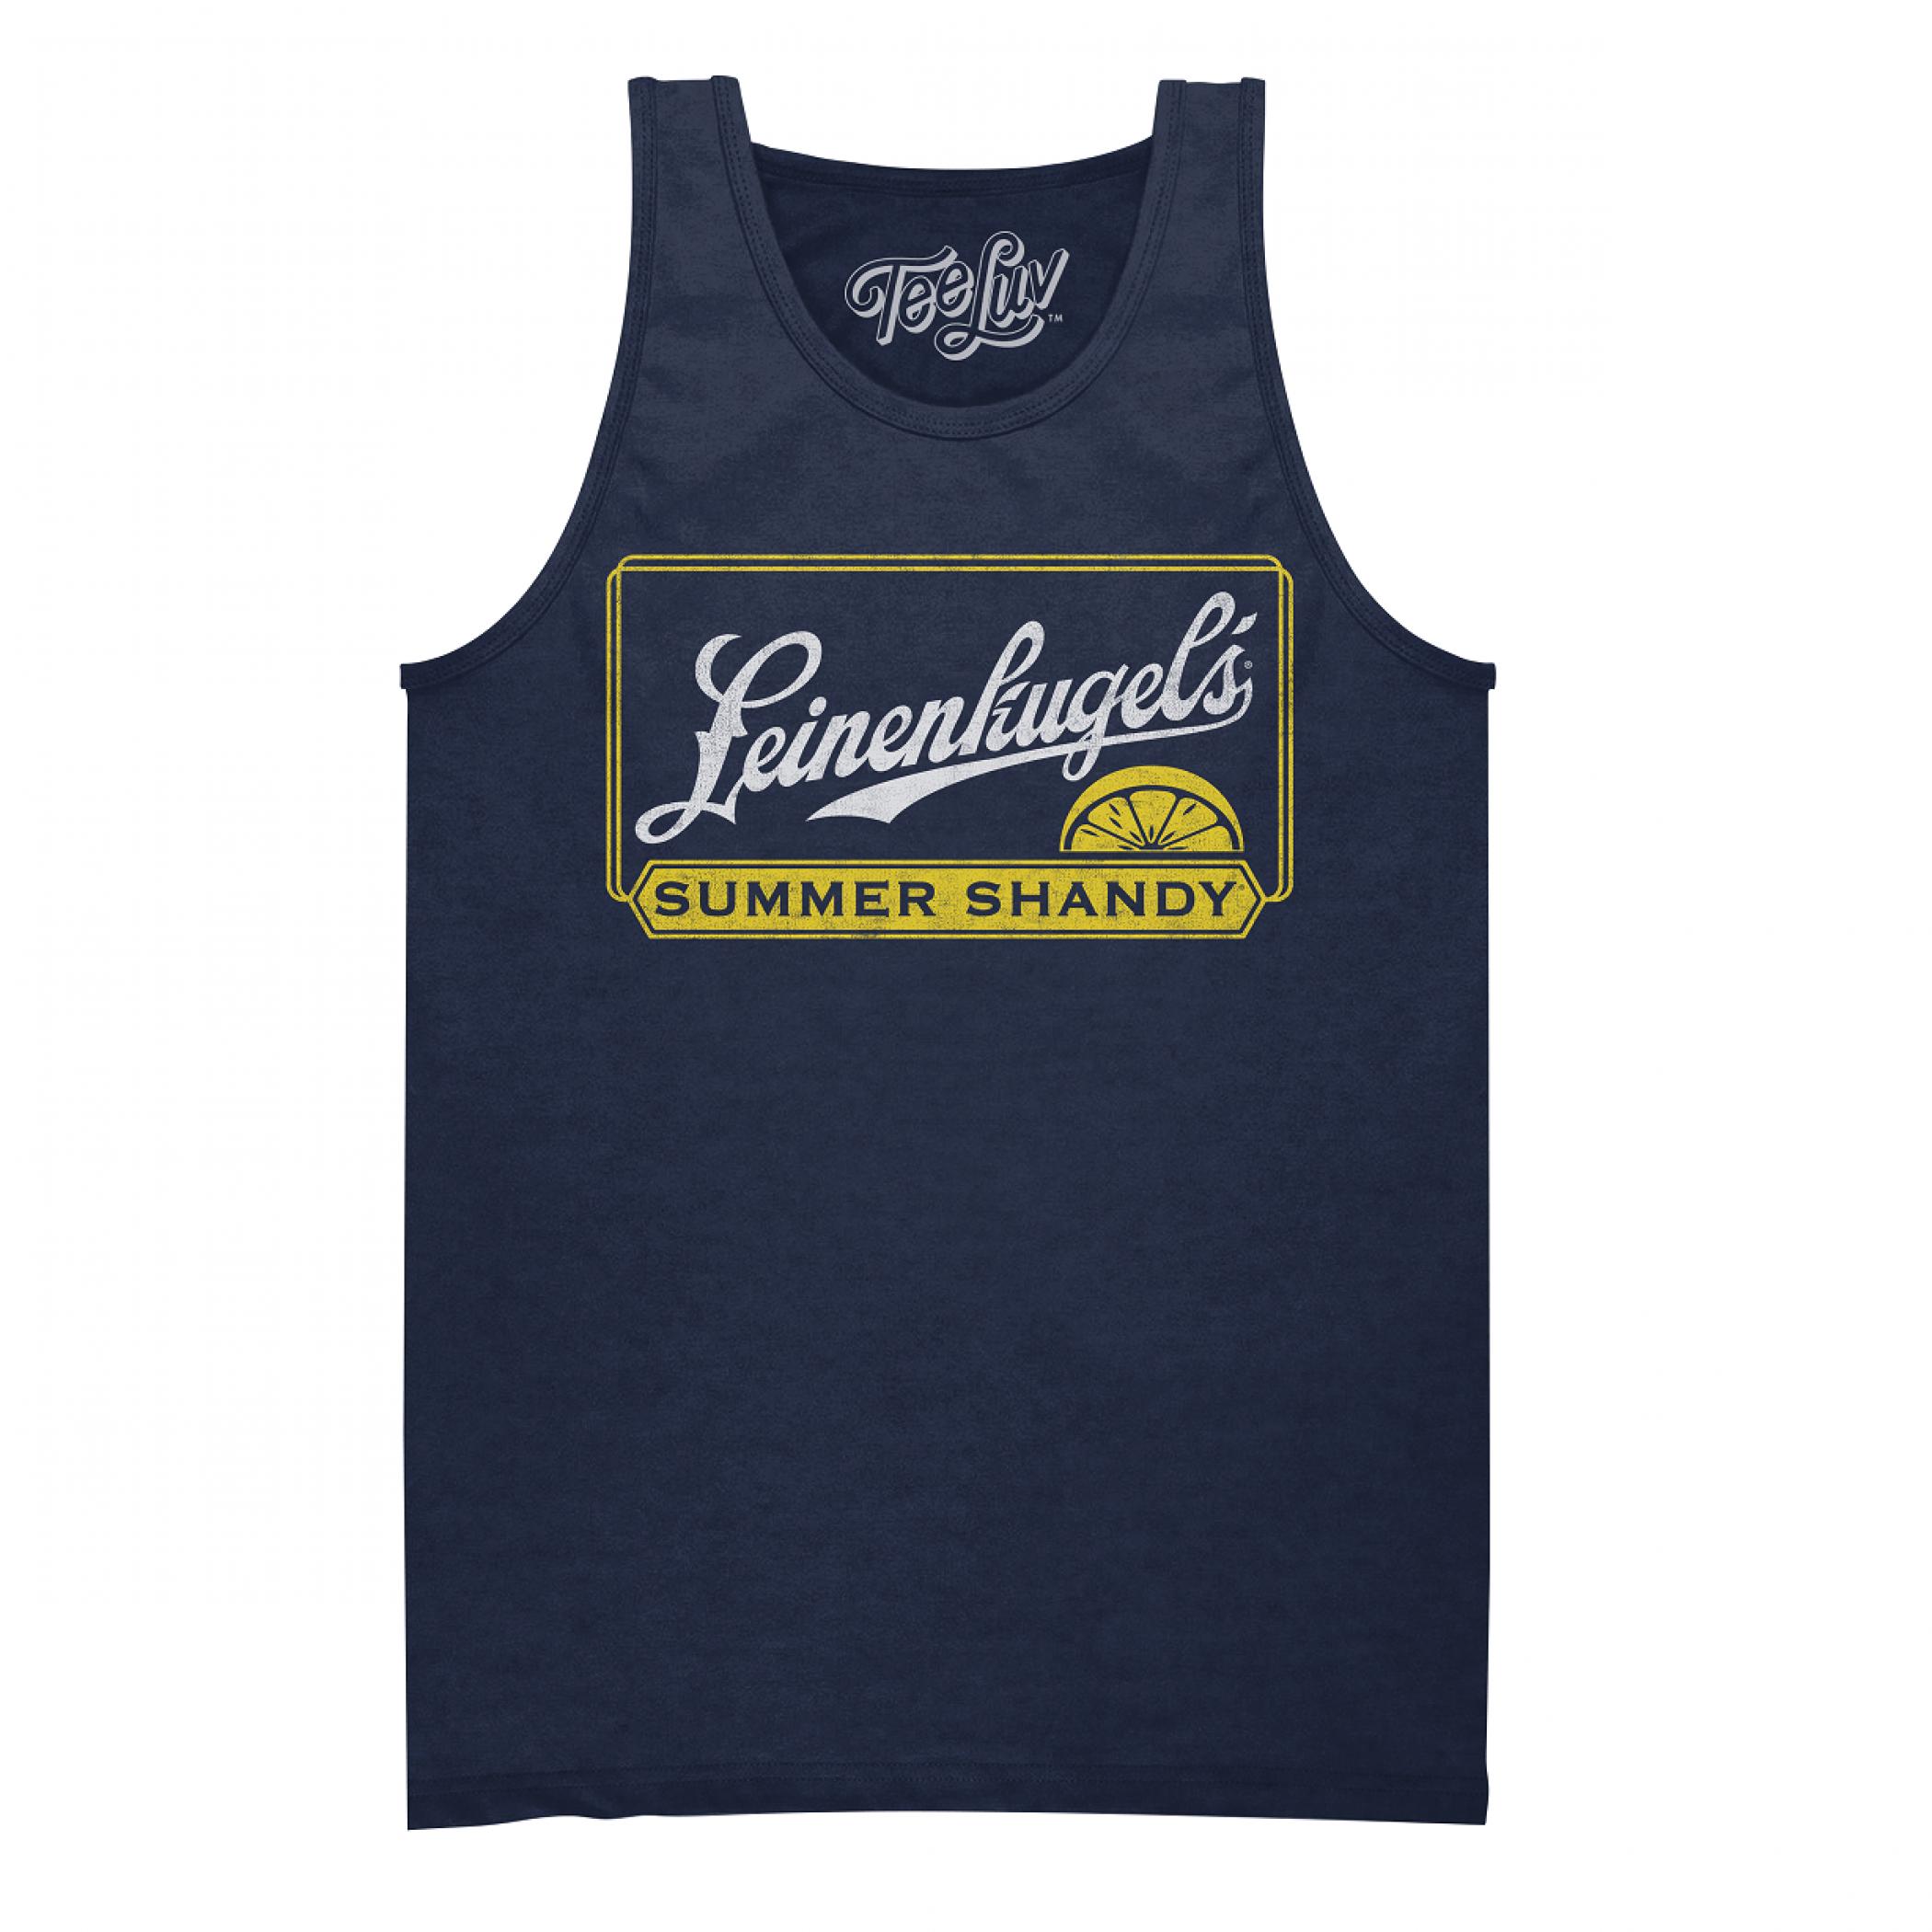 Leinenkugel Summer Shandy Blue Tank Top